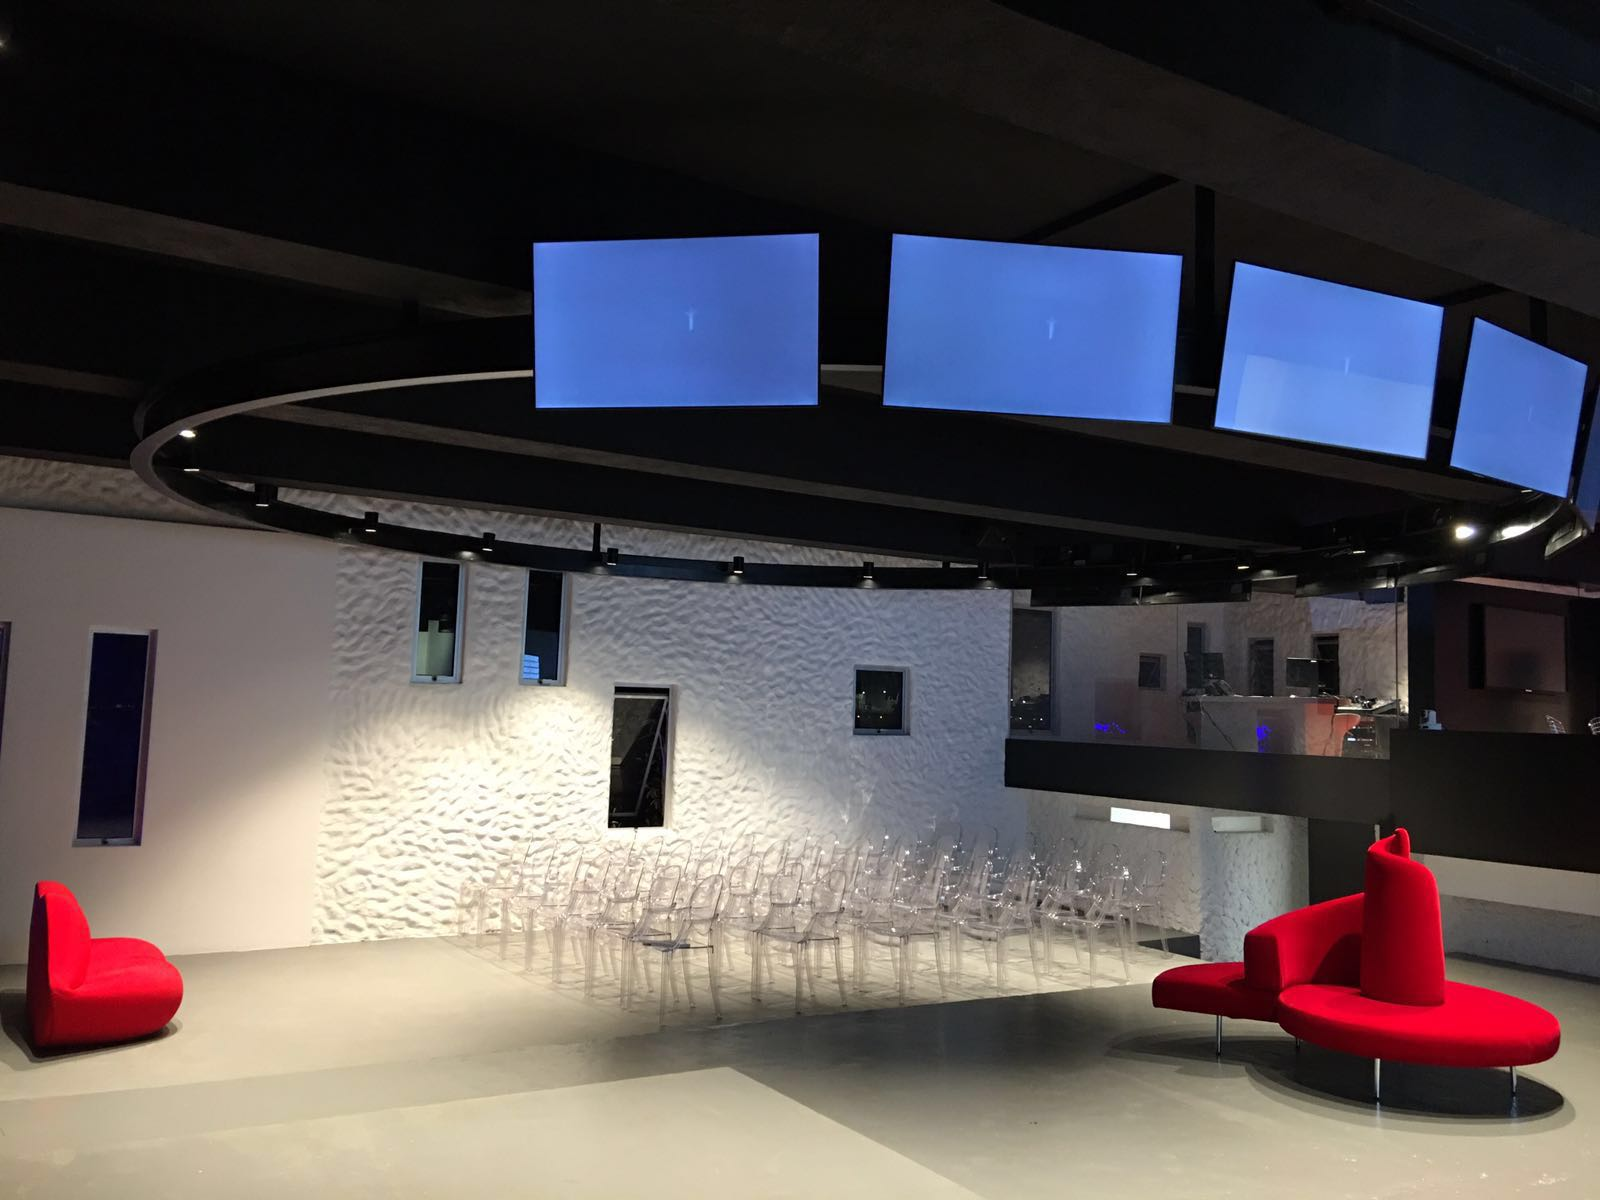 R40 nobile sistemi di illuminazione a led for Sistemi di illuminazione led